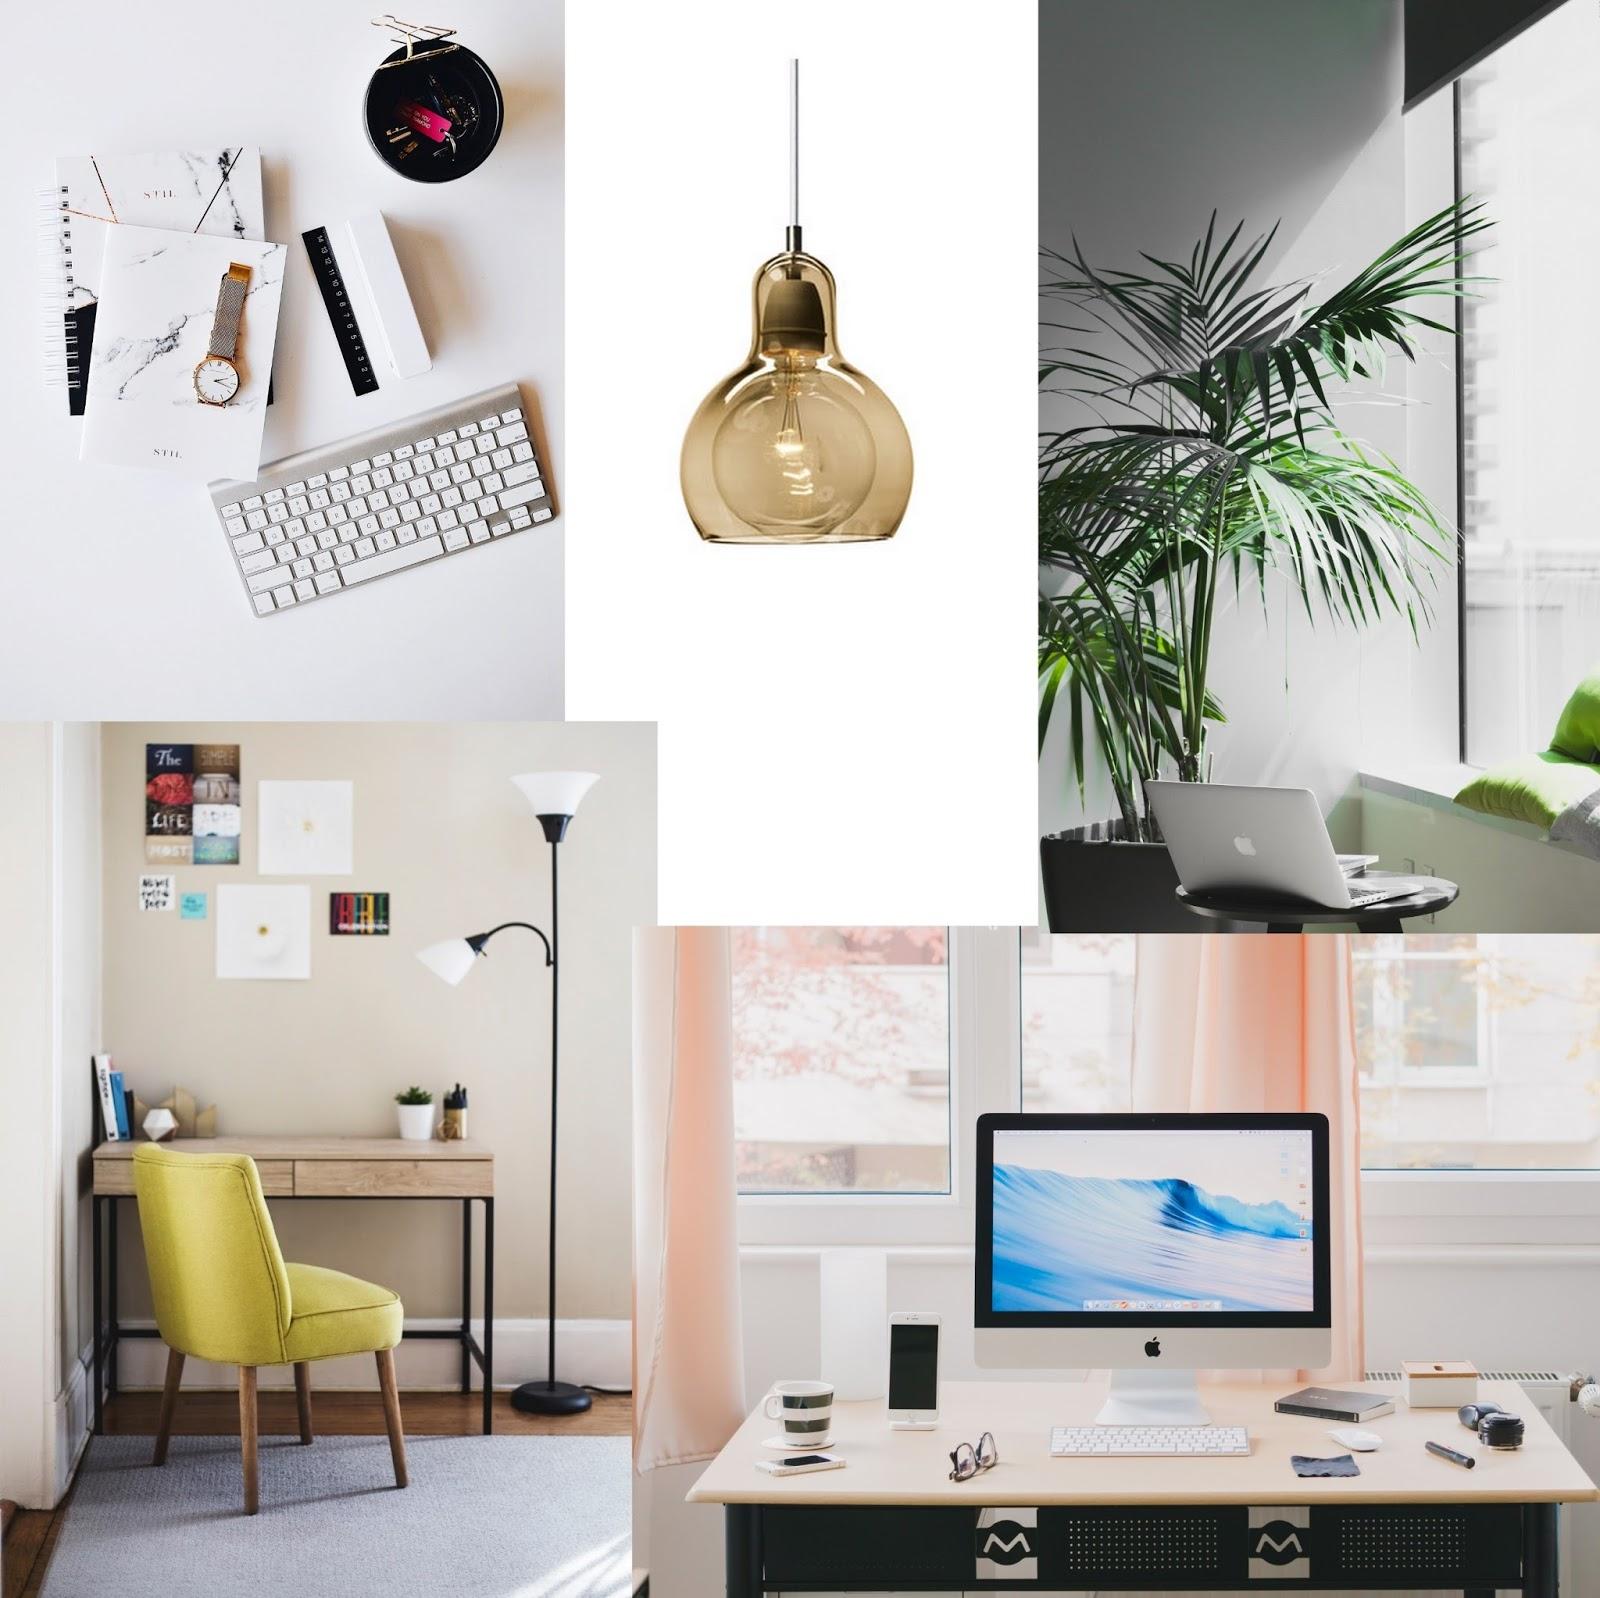 Home office schreibtisch inspiration